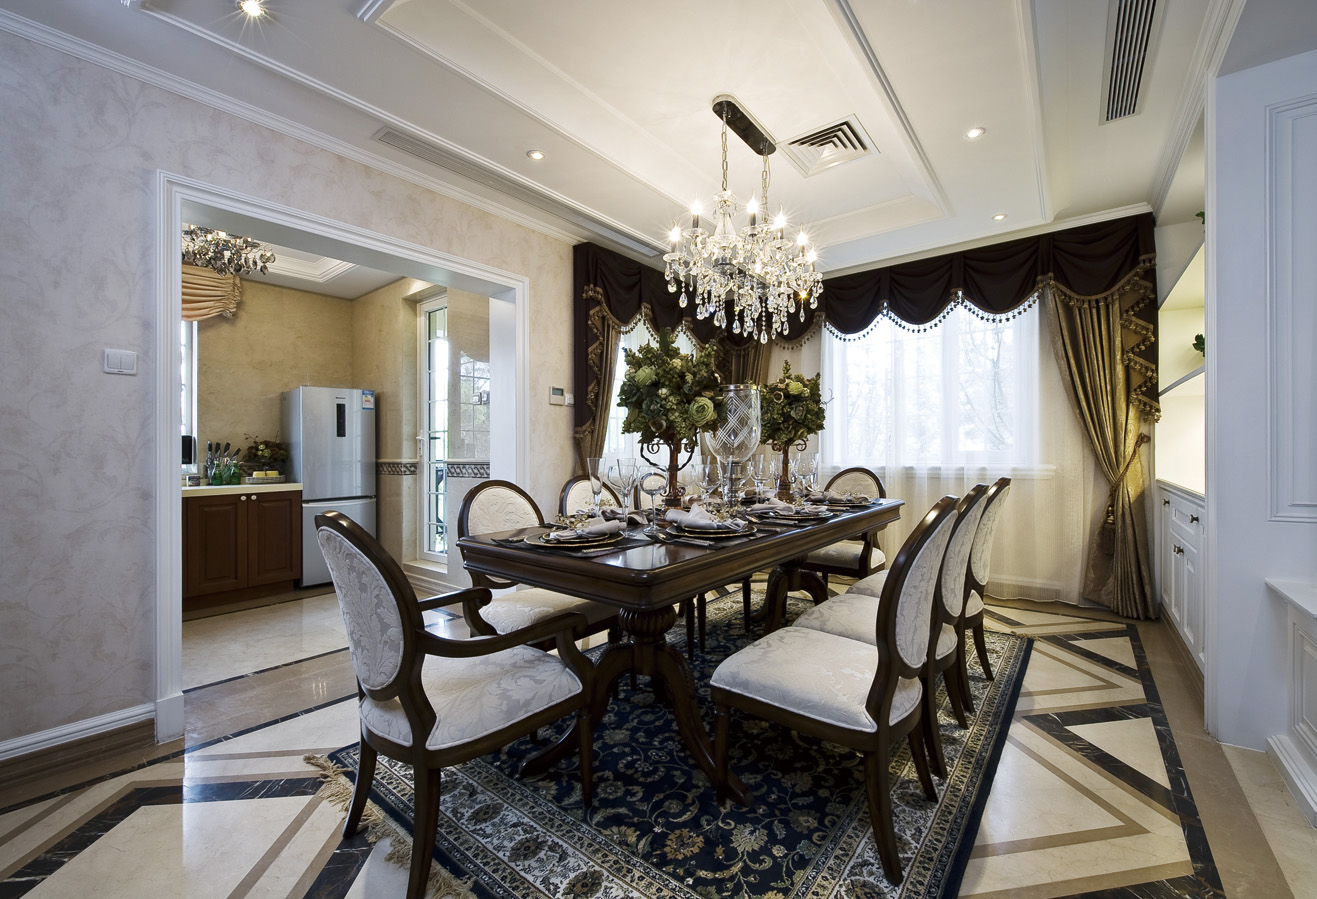 现代 美式 混搭 四居室 餐厅图片来自朗润装饰工程有限公司在中海城南华府 奢华现代美式的分享